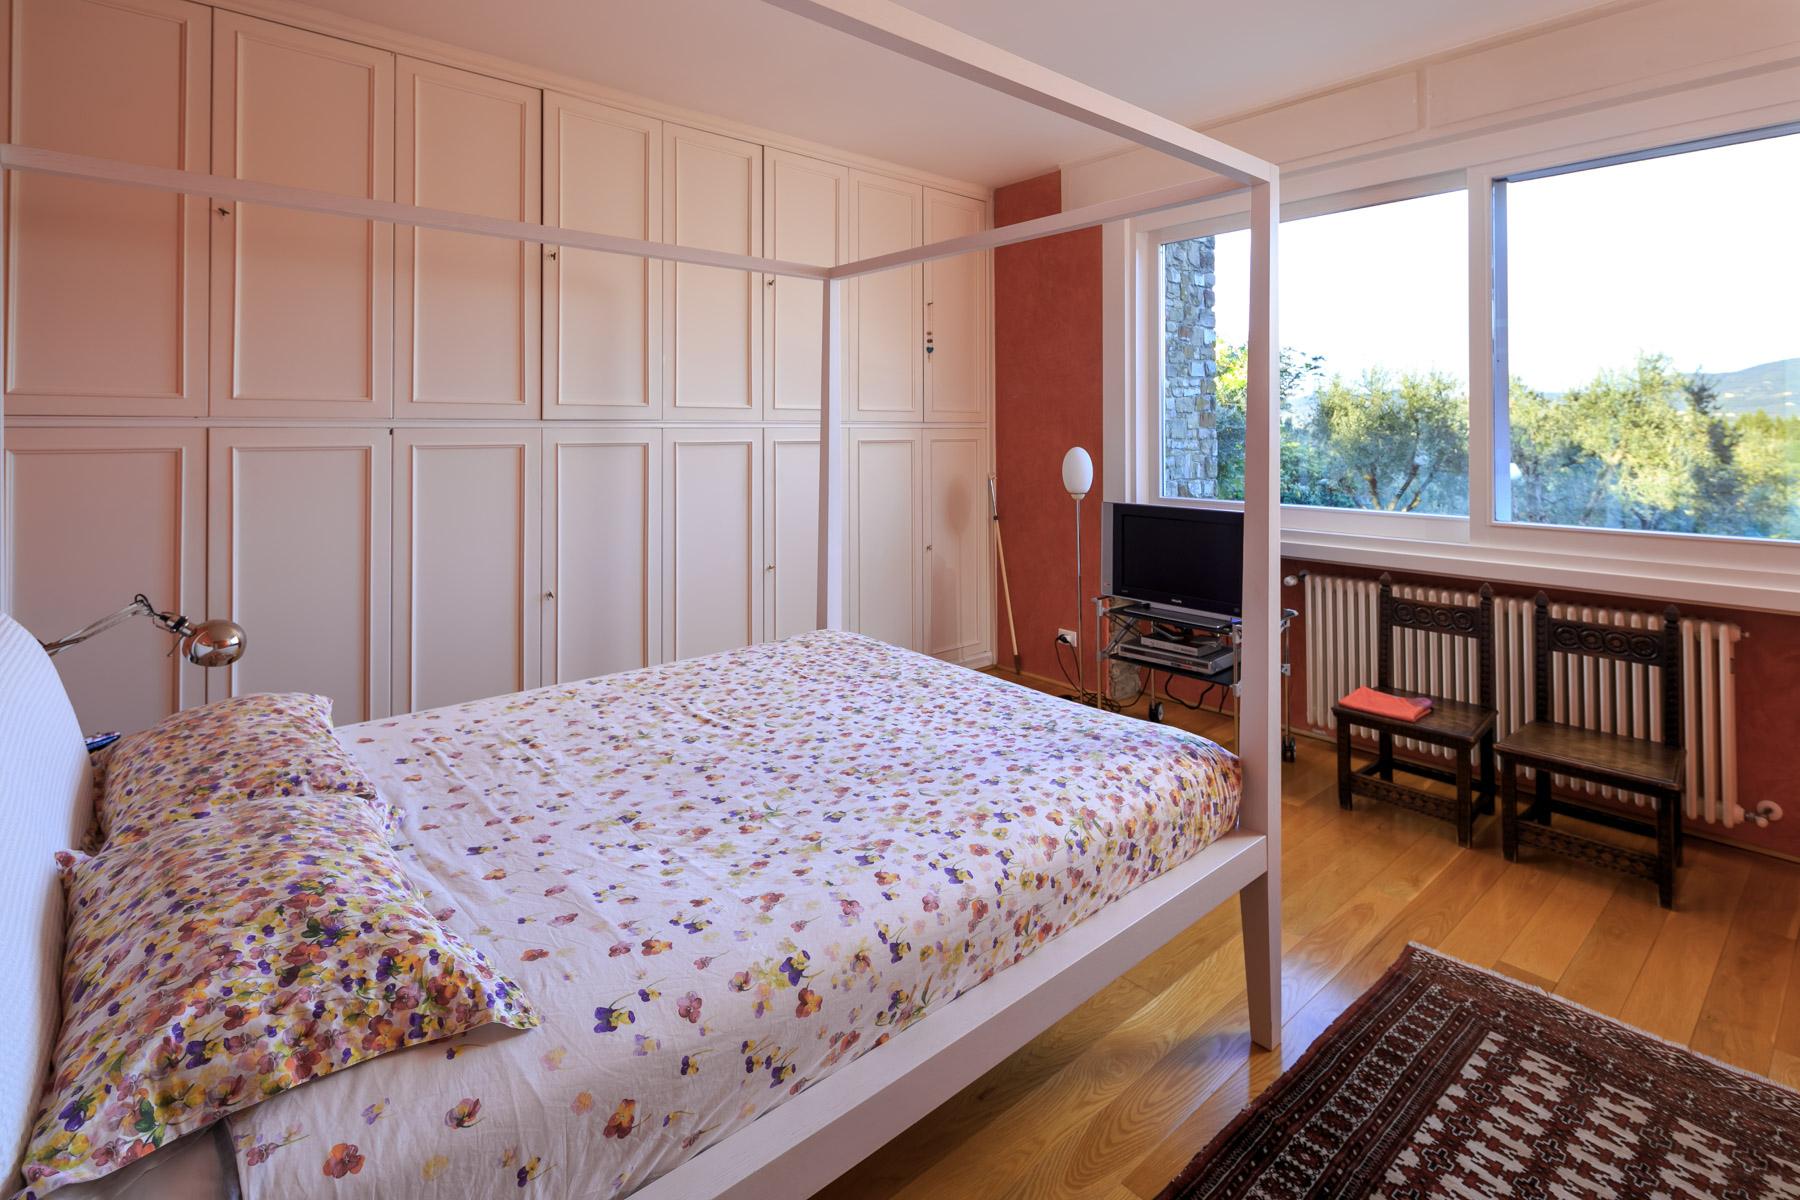 Casa indipendente in Vendita a Impruneta: 5 locali, 300 mq - Foto 10